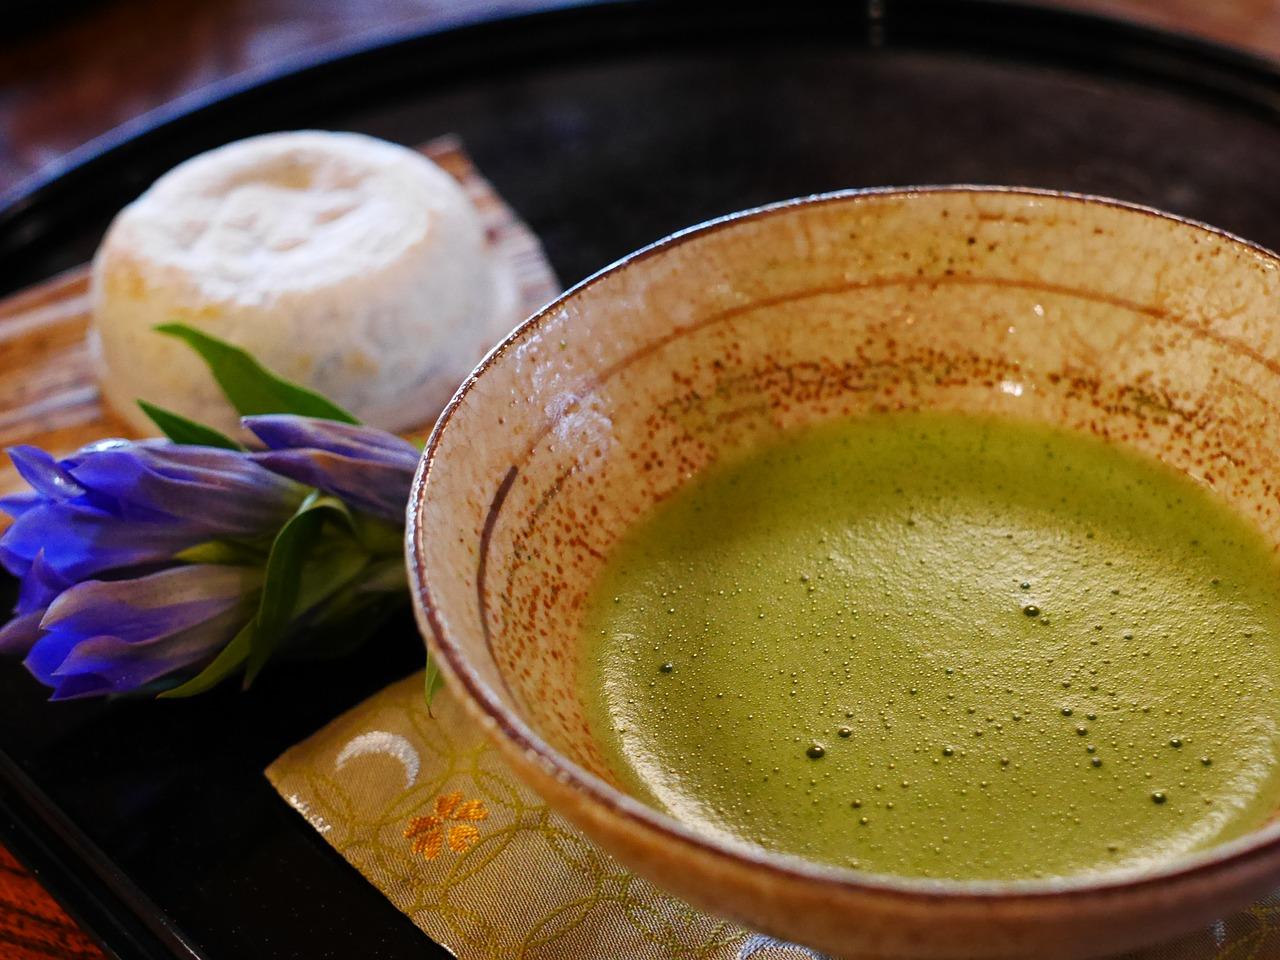 Podívejte se na 5 důvodů ke konzumaci matcha tea? Necháte se přesvědčit?